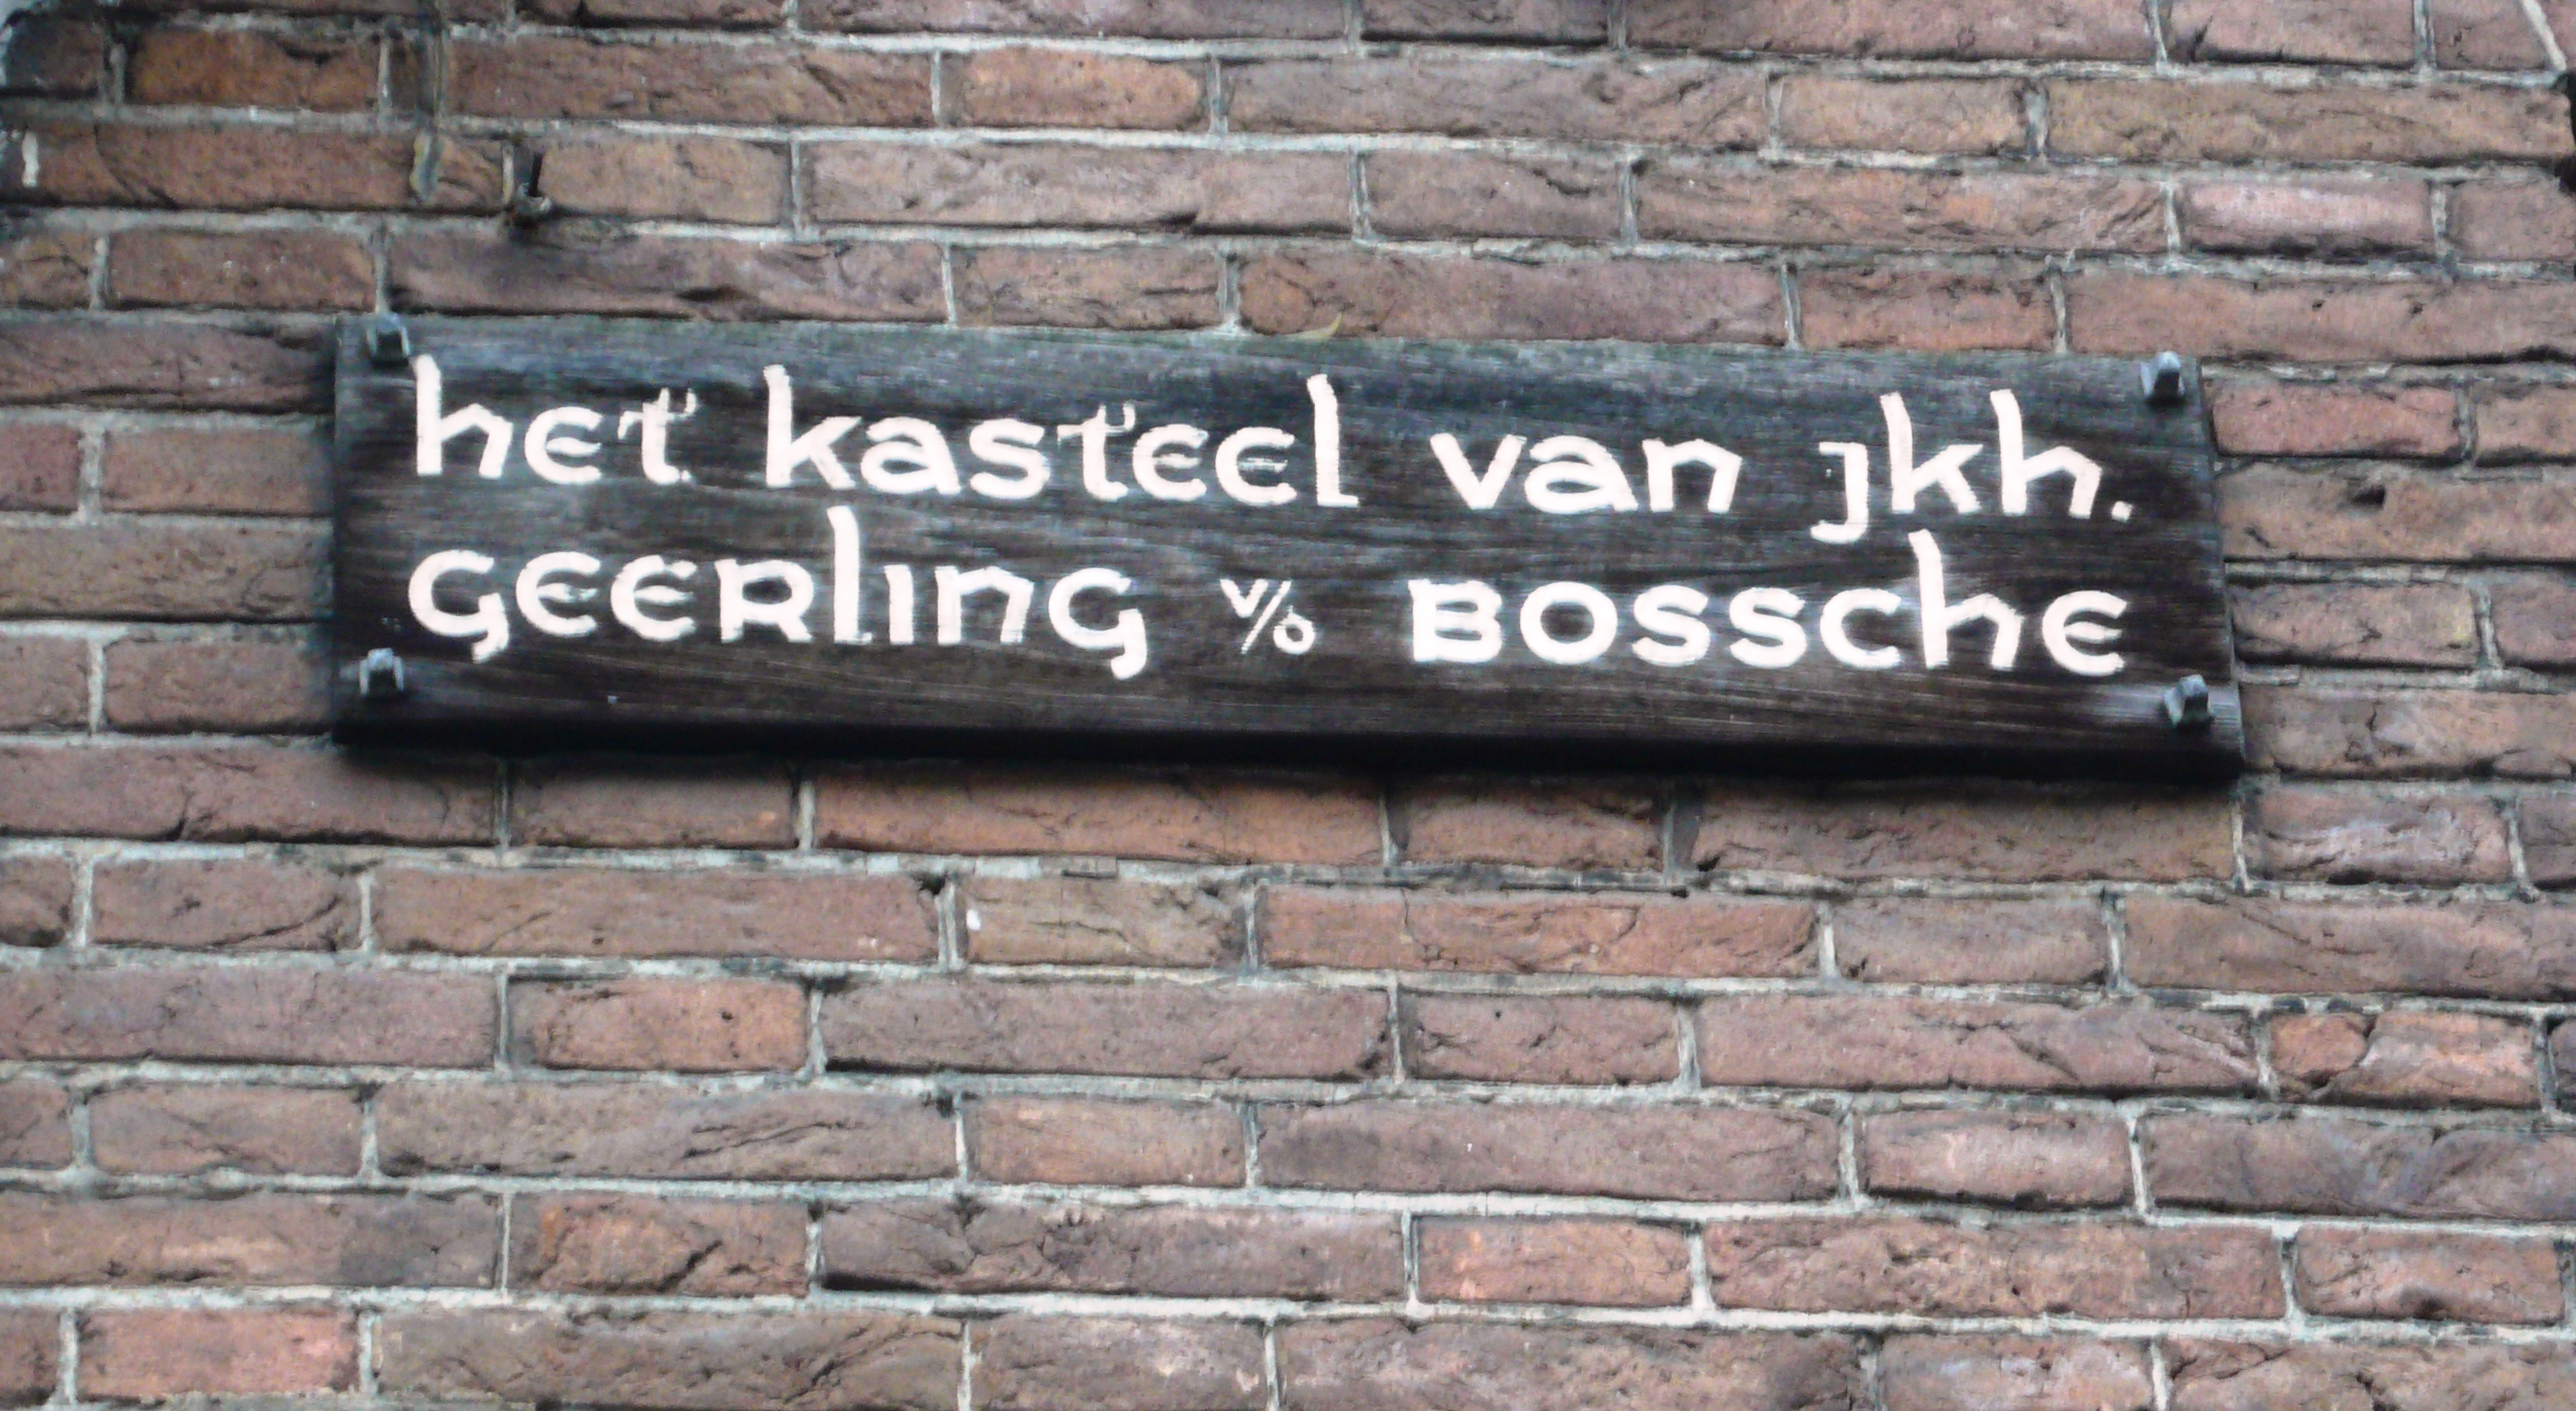 De woning is eertijds het kasteel van jonkheer Geerling van den Bossche.